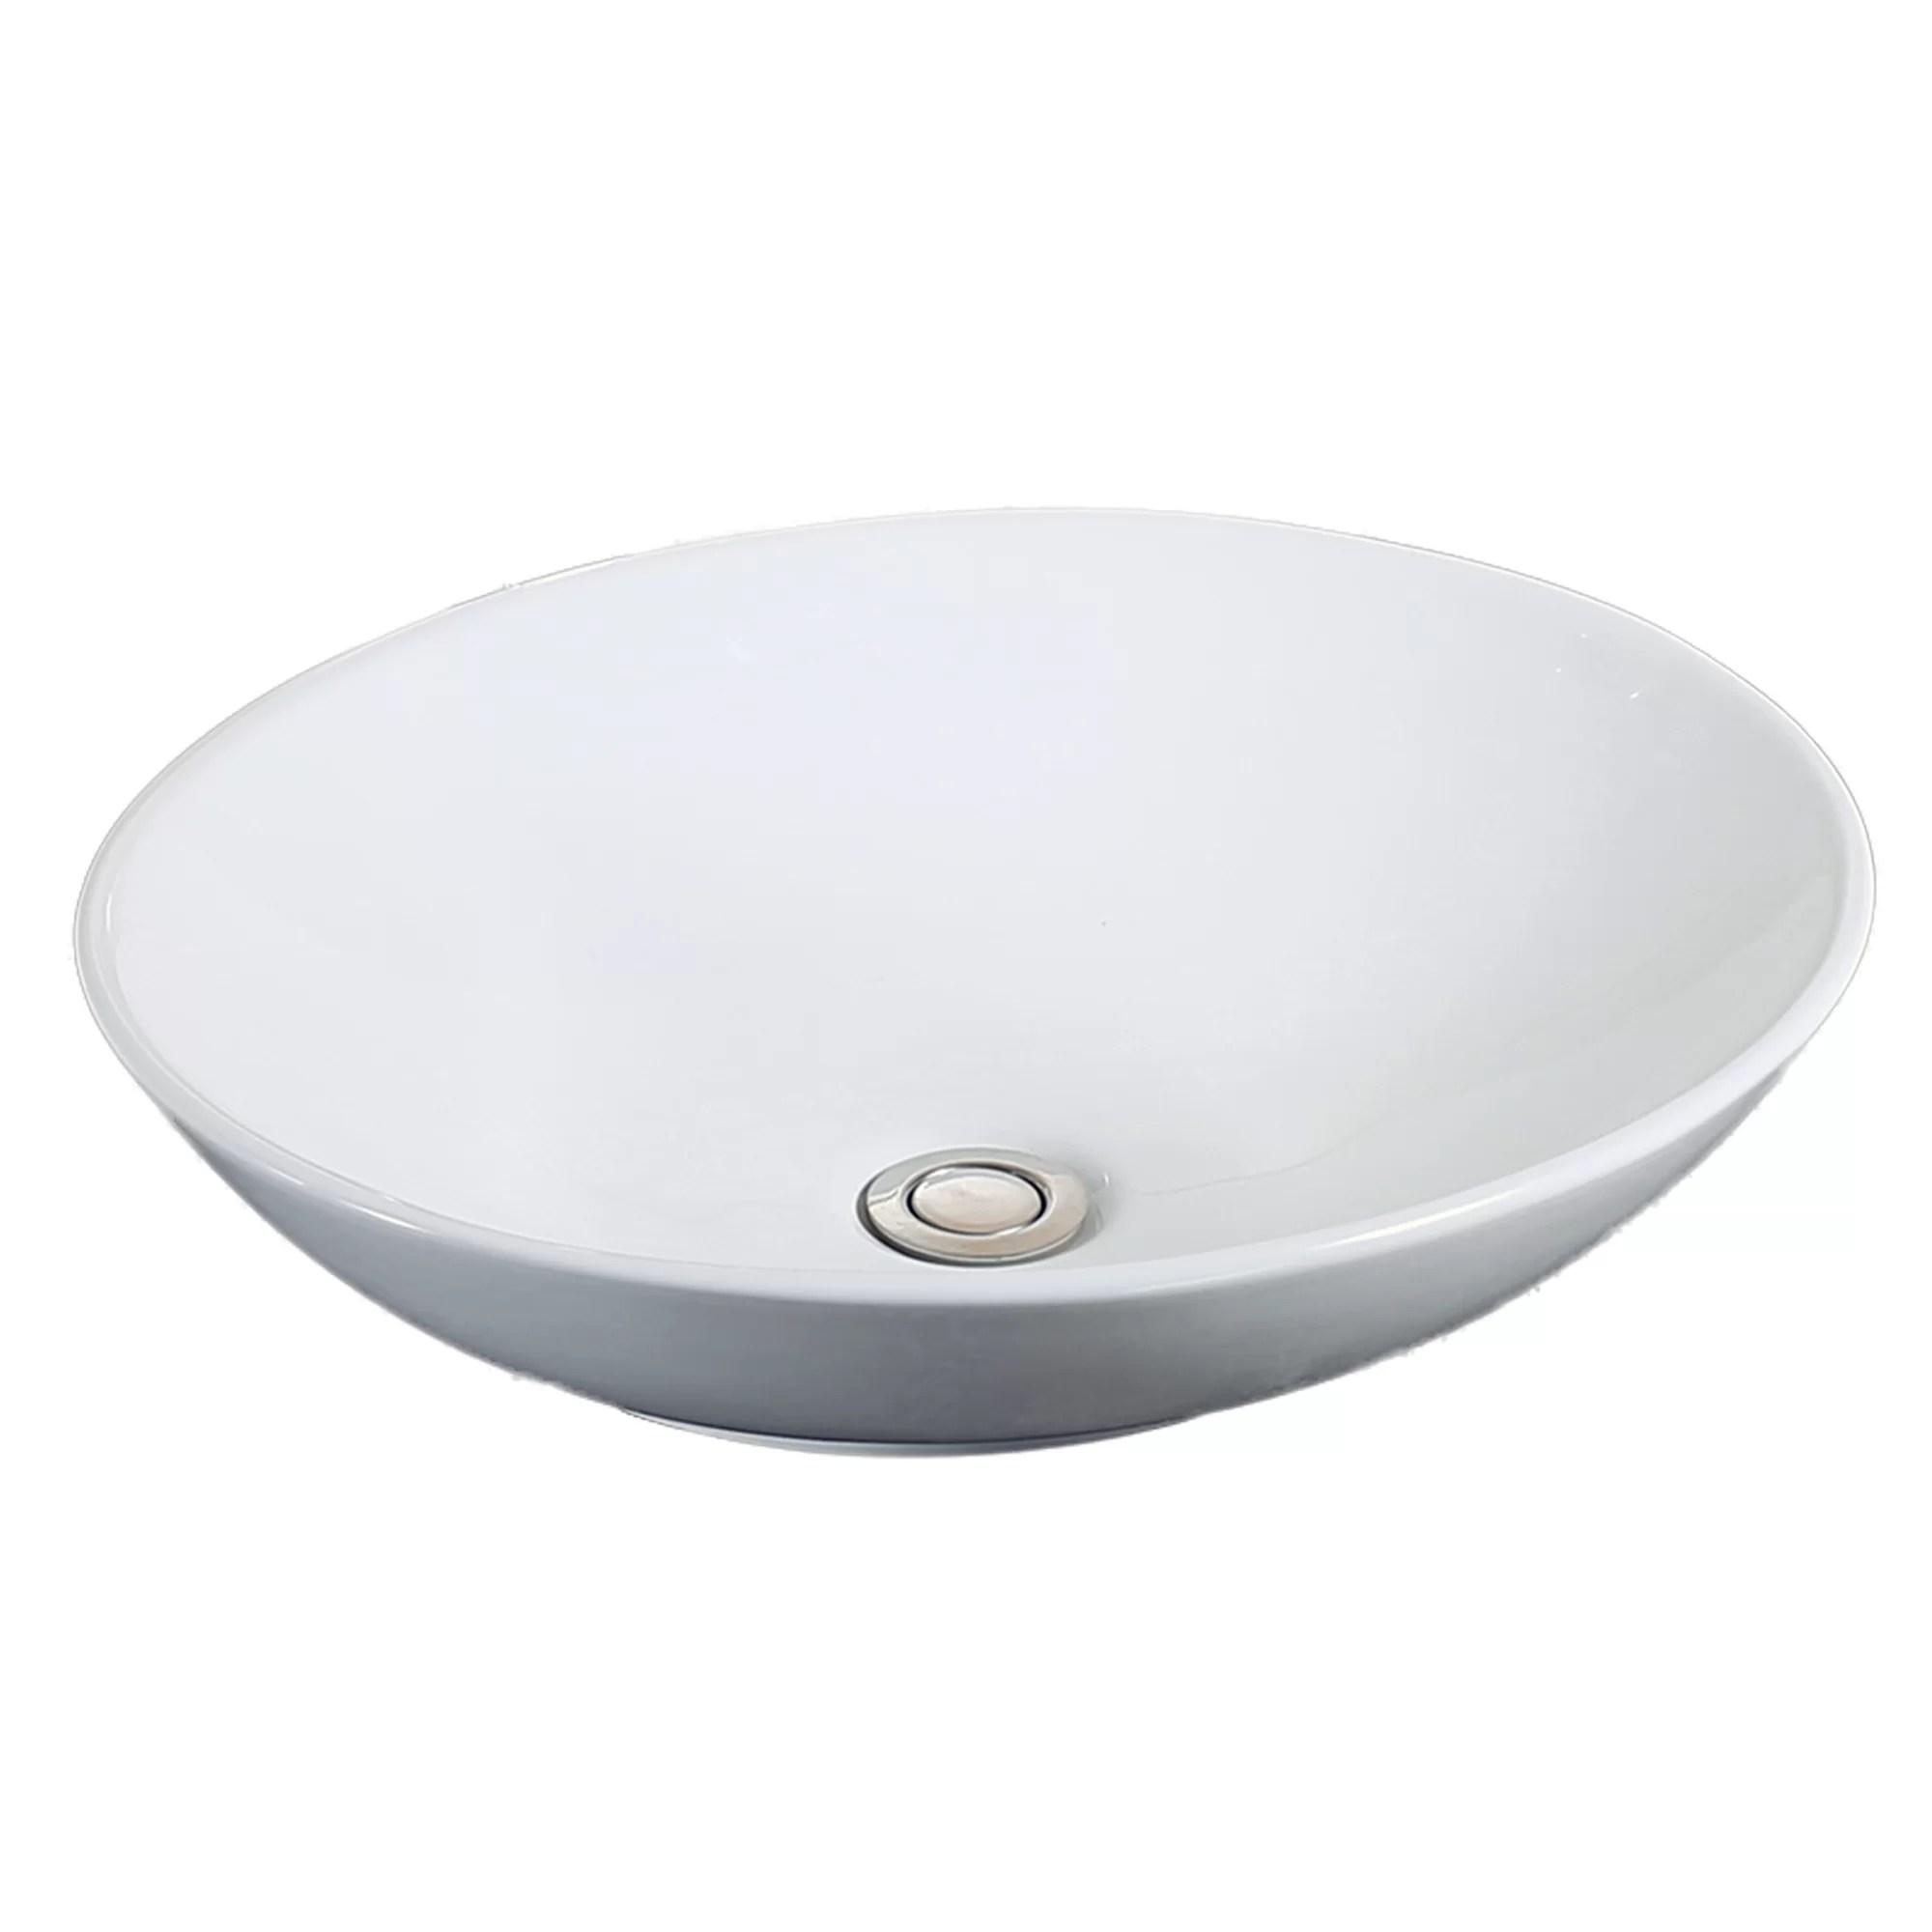 classic design ceramic bathroom